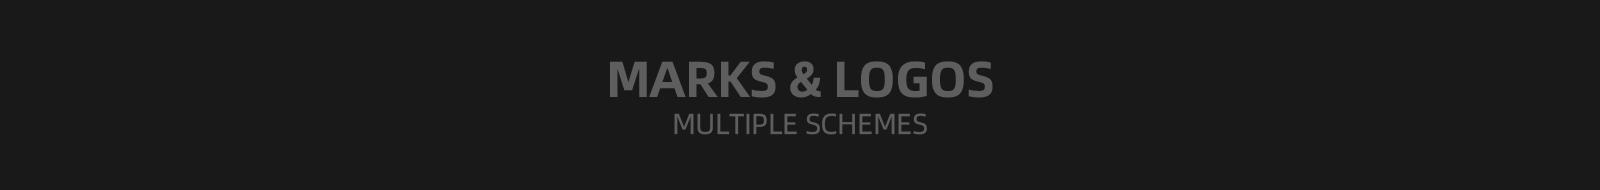 品牌logo多方案合集-趣创传播